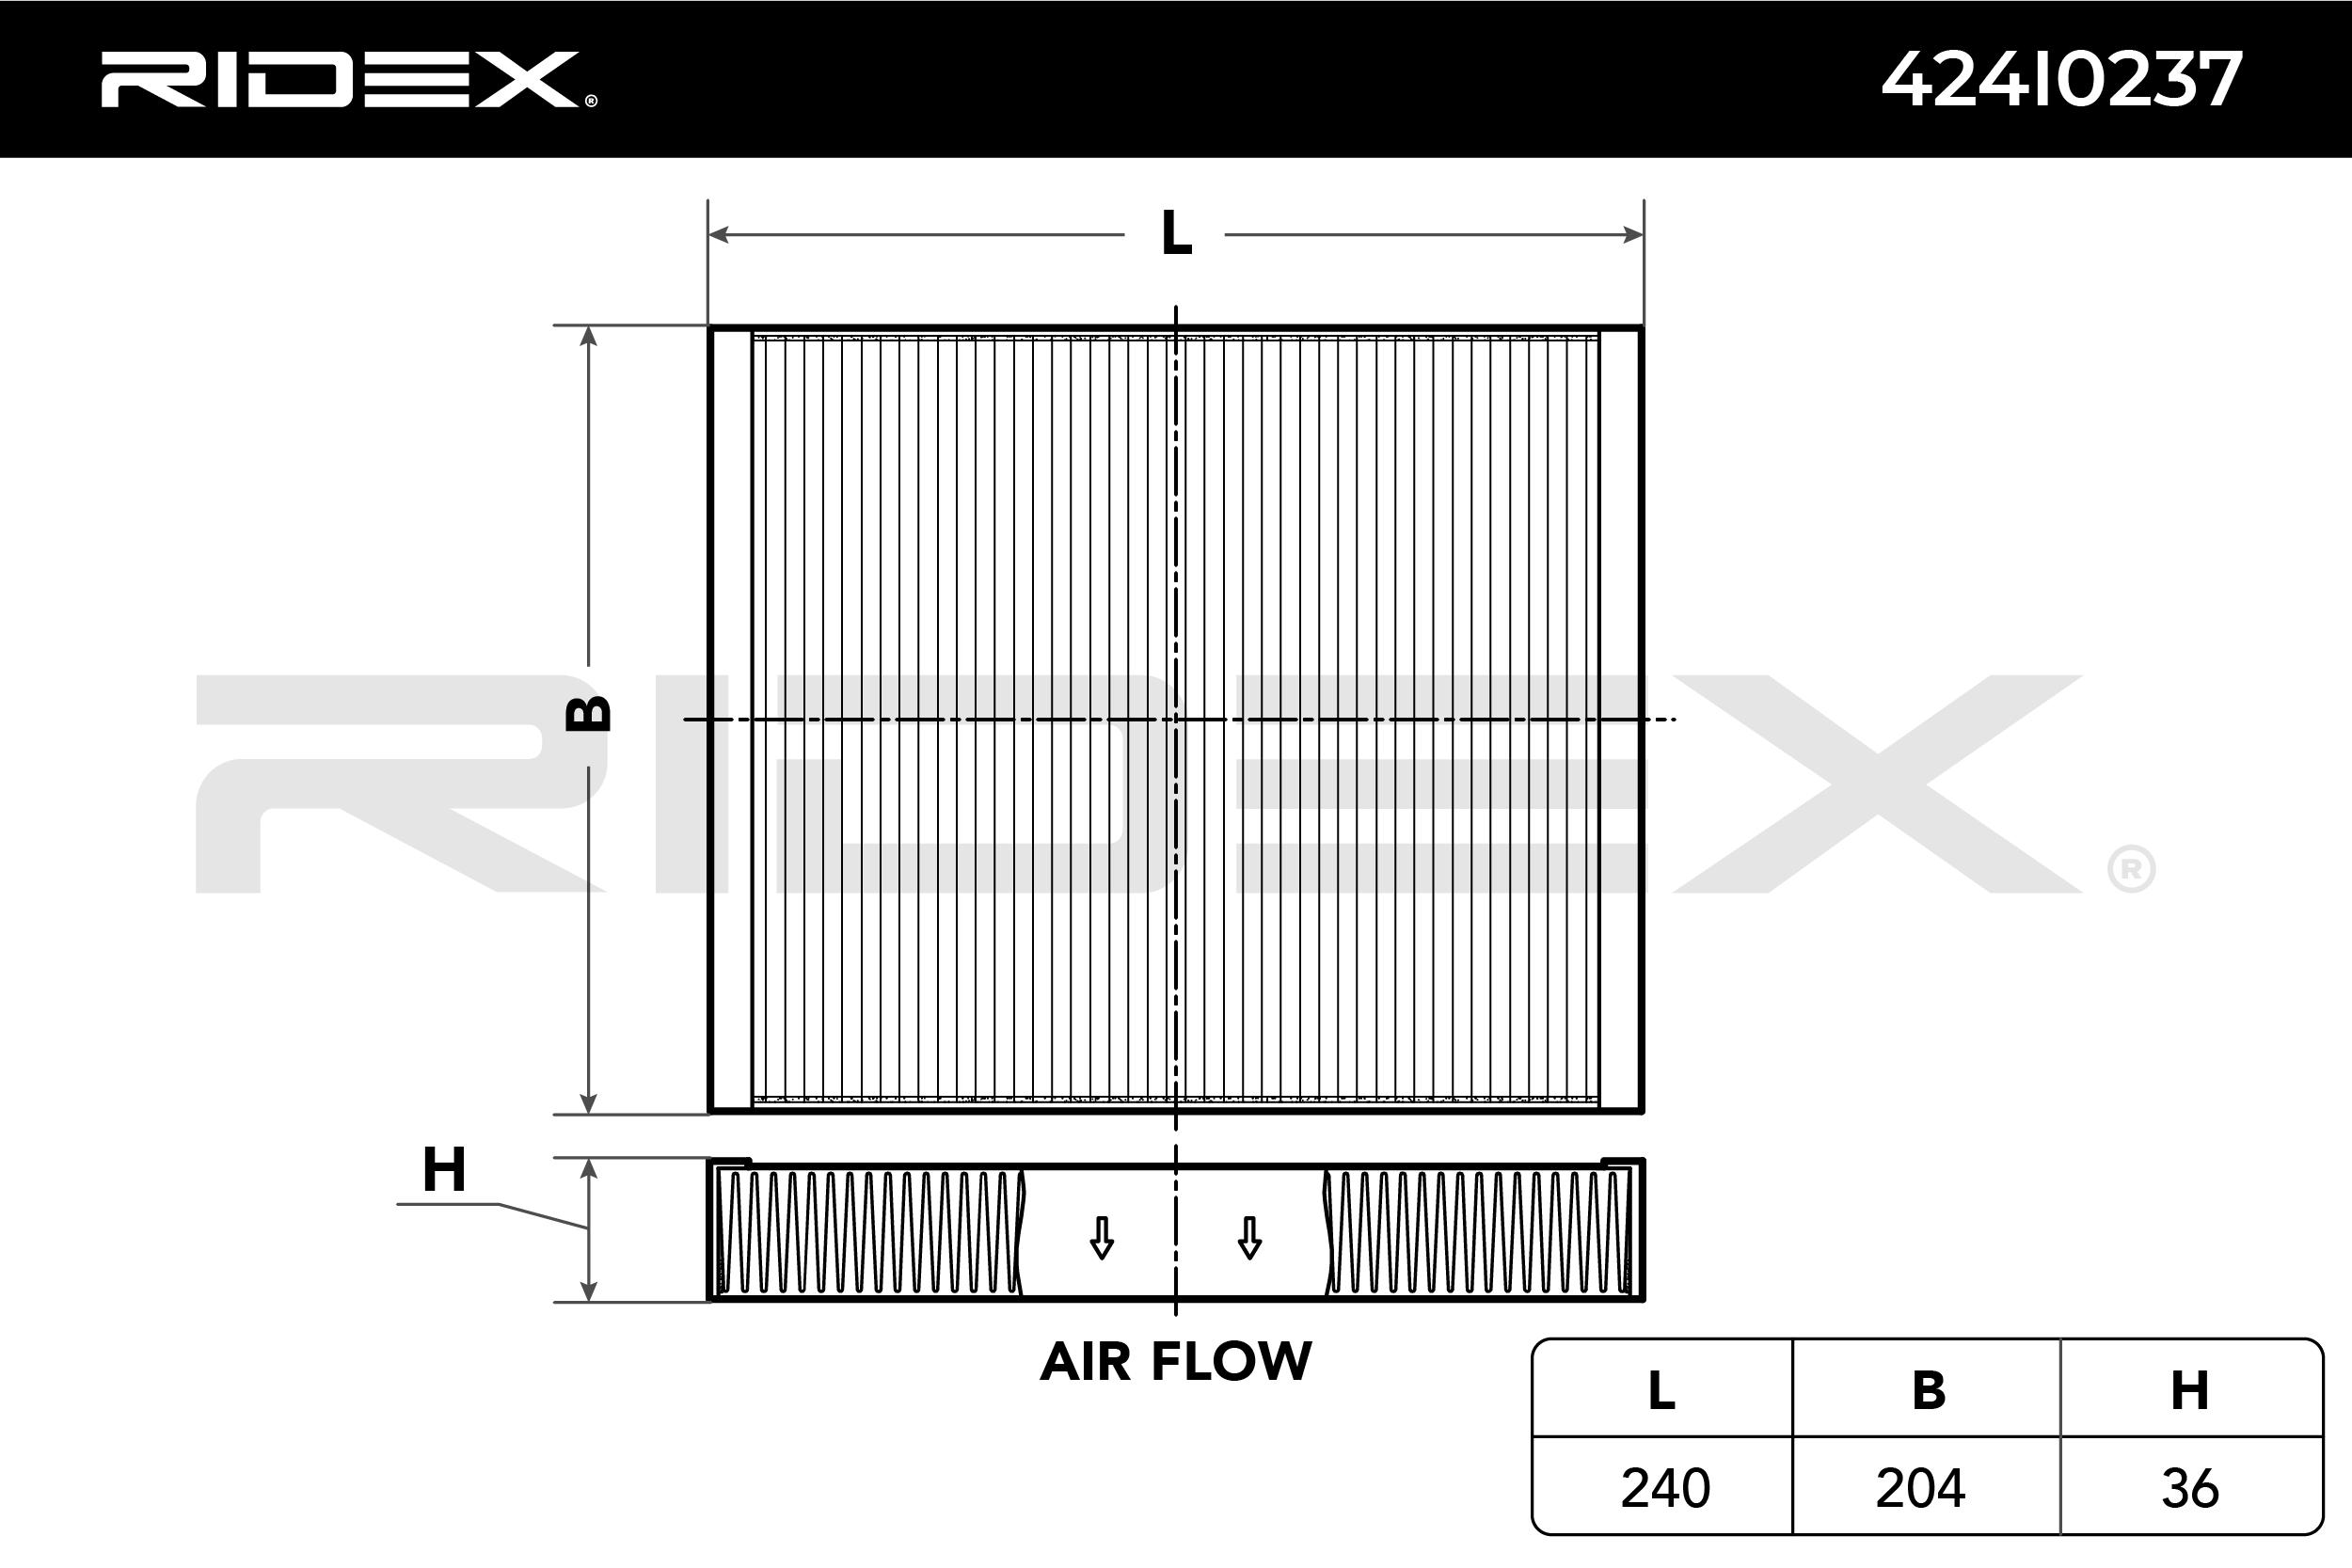 Filtro del habitáculo 424I0237 RIDEX 424I0237 en calidad original